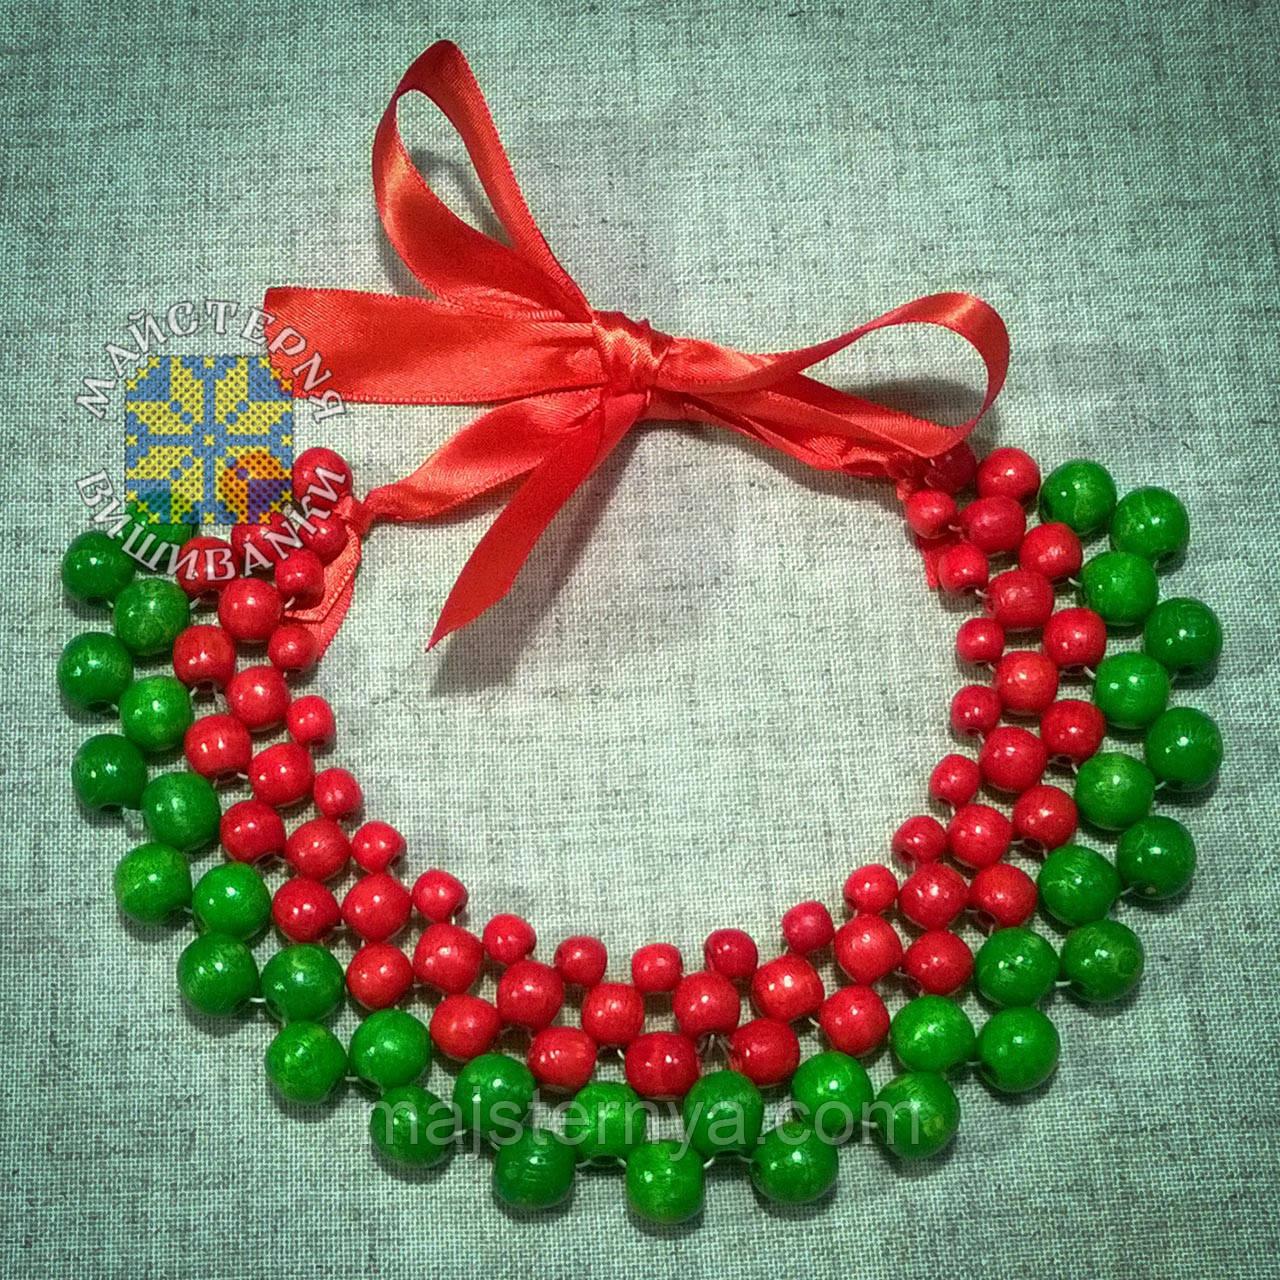 """Намисто """"Кольє"""" із дерев'яних бусин червоного та світло-зеленого кольорів"""